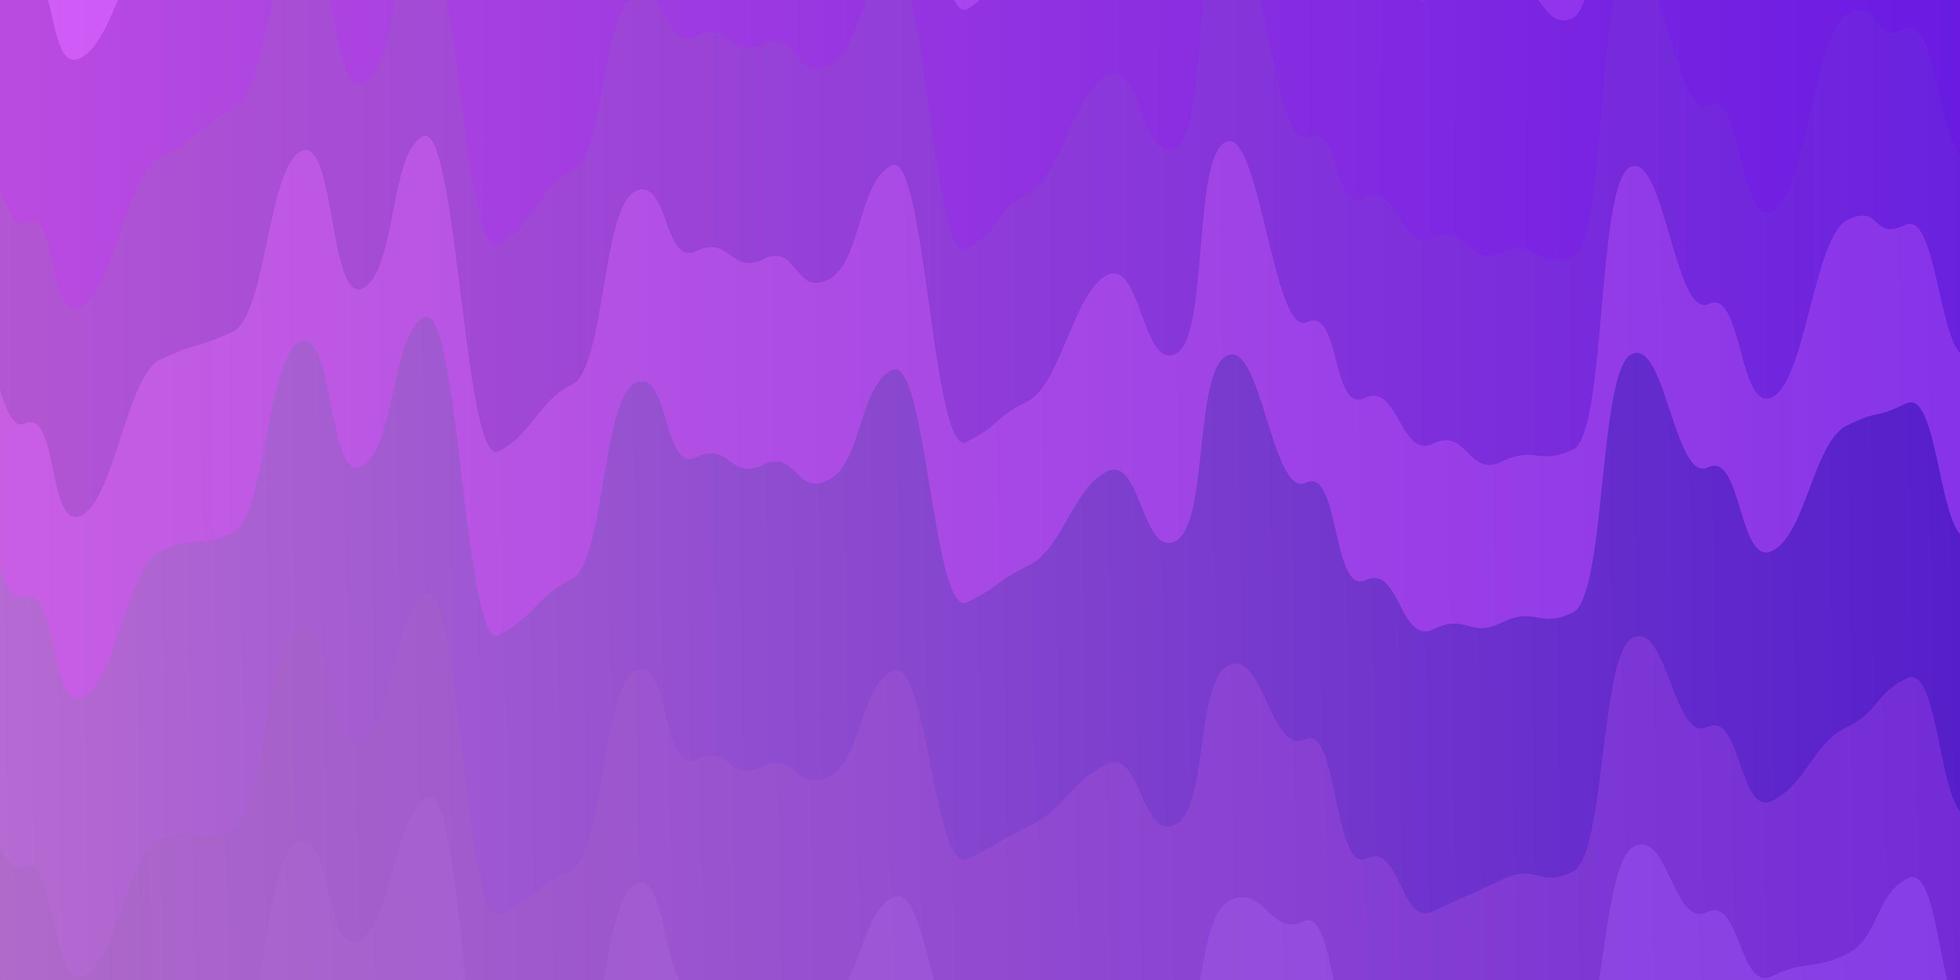 layout de vetor roxo claro com linhas irônicas.